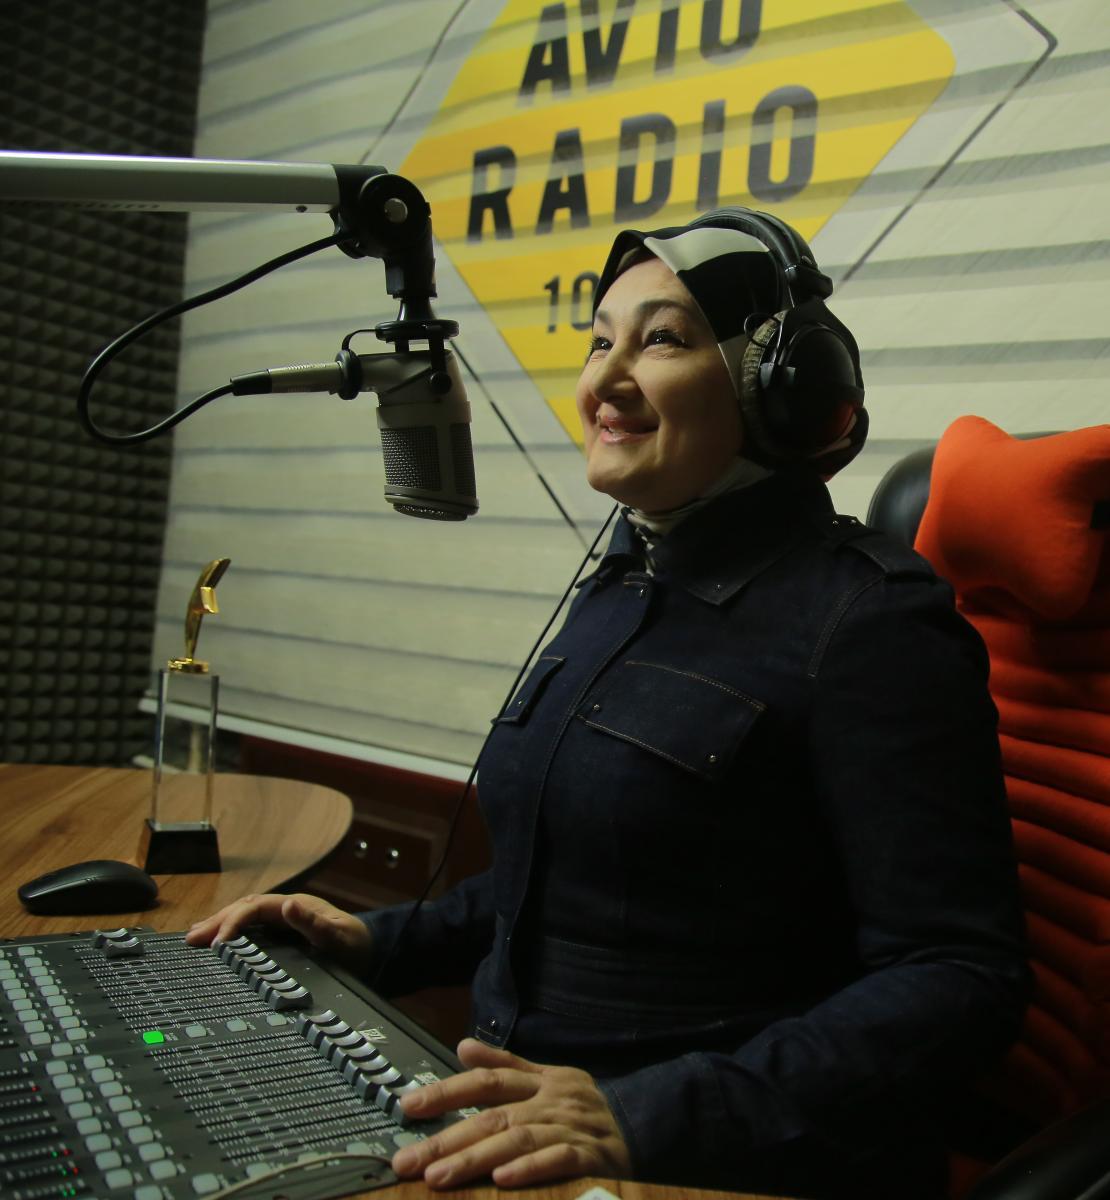 امرأة ترتدي ملابس سوداء تجلس على مكتب وأمامها ميكروفون ومعدات إذاعية.